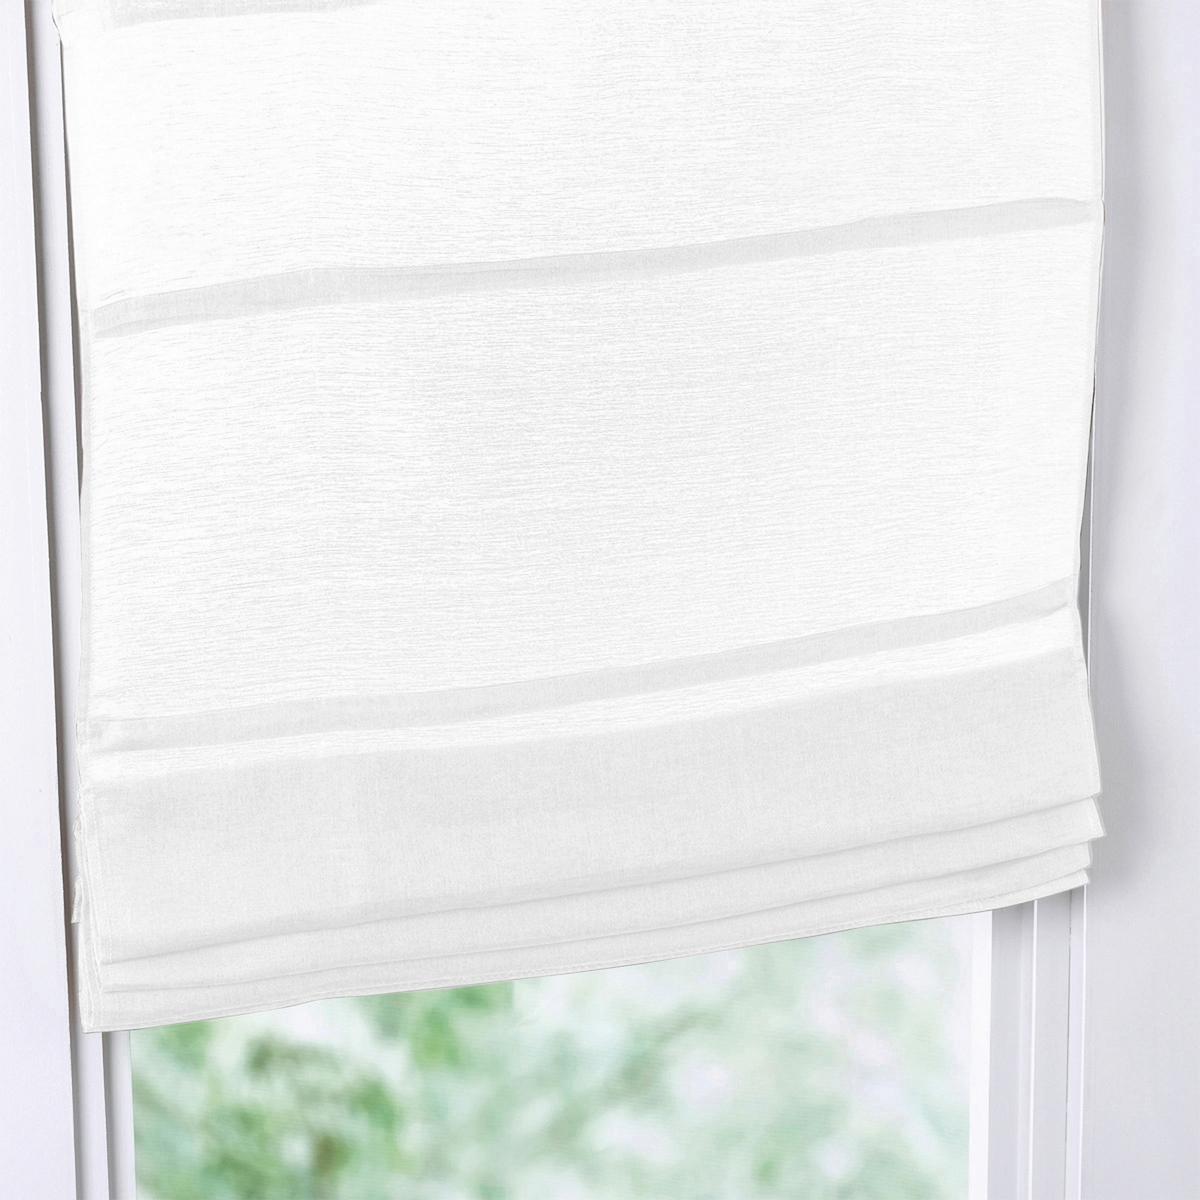 Штора римская из кисеи (лен/хлопок)Римская штора из смесовой ткани кисеи, качество Qualit? Best, великолепный натуральный материал с красивыми складками. Полупрозрачная вентилируемая ткань, сквозь которую будет красиво просачиваться свет из окна.Характеристики римской шторы :- Смесовая ткань кисея, великолепный натуральный материал с красивыми складками.   - 60% льна, 40% хлопка, отмеченного знаком  - : rgb(0, 0, 0) font-family: Arial font-size: 13px font-variant-ligatures: normal font-variant-caps: normal font-weight: normal letter-spacing: normal orphans: 2 text-align: start text-indent: 0px text-transform: none white-space: normal widows: 2 word-spacing: 0px -webkit-text-stroke-width: 0px background-color: rgb(255, 255, 255) text-decoration-style: initial text-decoration-color: initial&gt;®. - Tissage a?r?, translucide, pour une jolie lumi?re tamis?e.- Прямой низ.. - Съемные рейки. - Веревочный механизм.- Легкий уход : машинная стирка при 40°, материал почти не мнется, легко гладить.- Отличная стойкость цветов к воздействию света .- Продается с креплениями.                         Производство осуществляется с учетом стандартов по защите окружающей среды и здоровья человека, что подтверждено сертификатом Oeko-tex®.<br><br>Цвет: бежевый